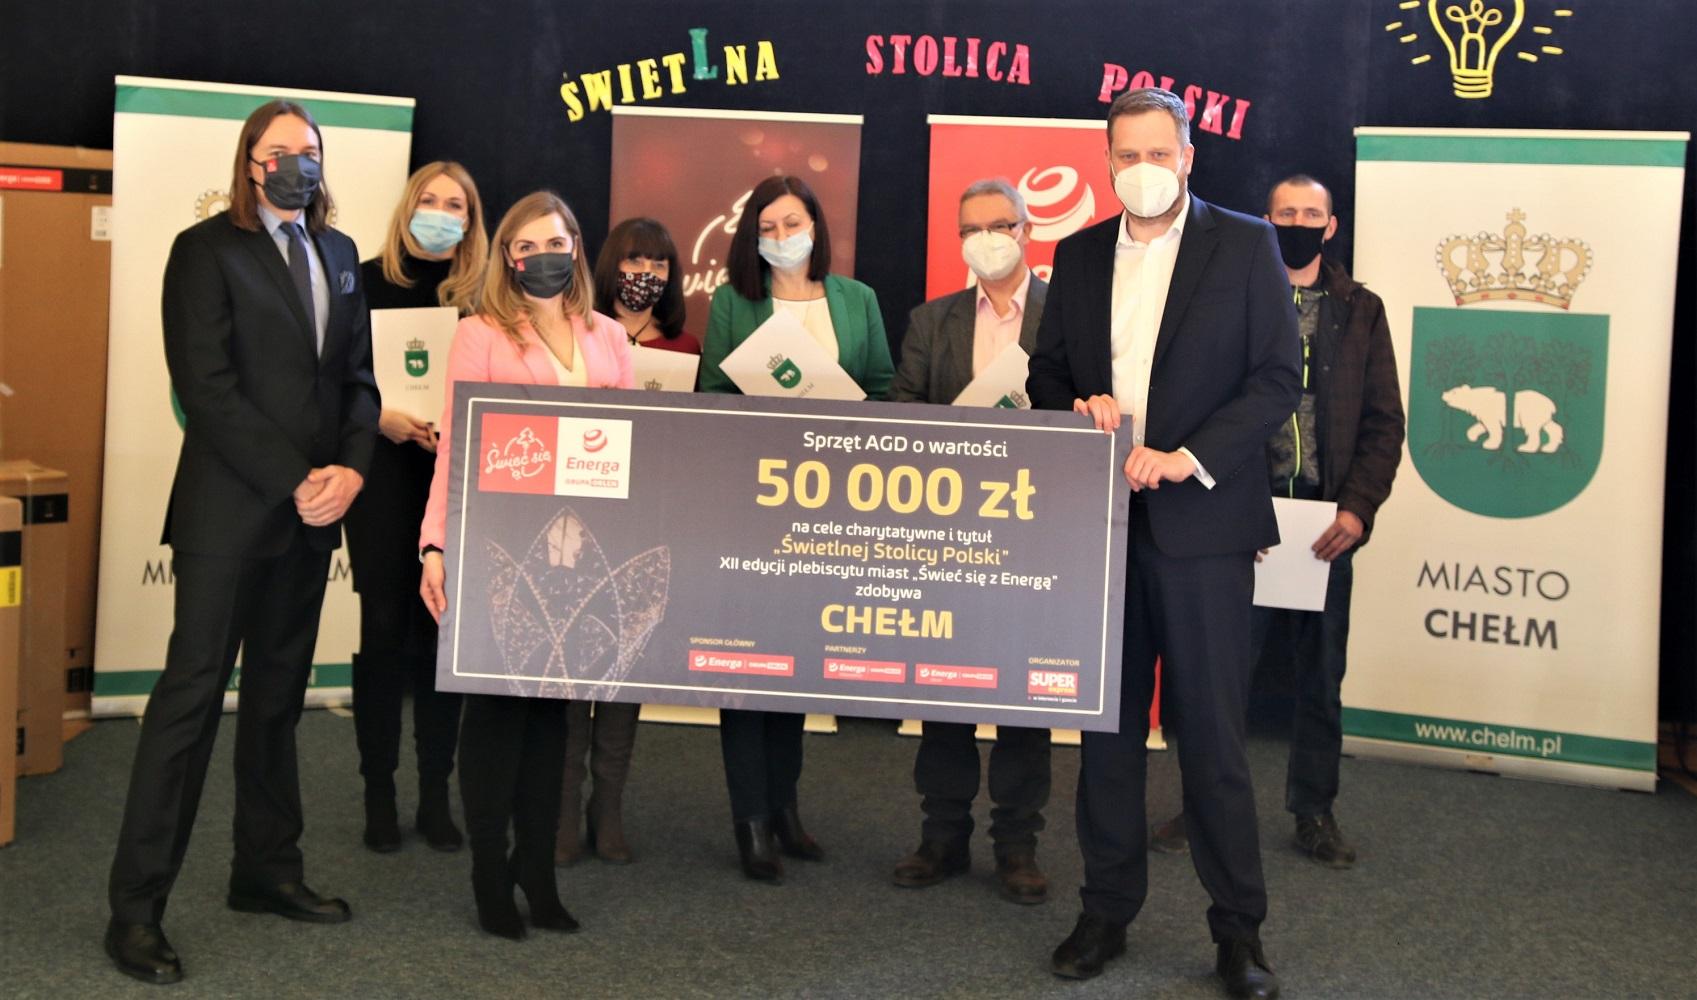 """Chełm - uroczystość przekazania nagród za zajęcie 1. miejsca w konkursie """"Świeć się z Energą"""""""